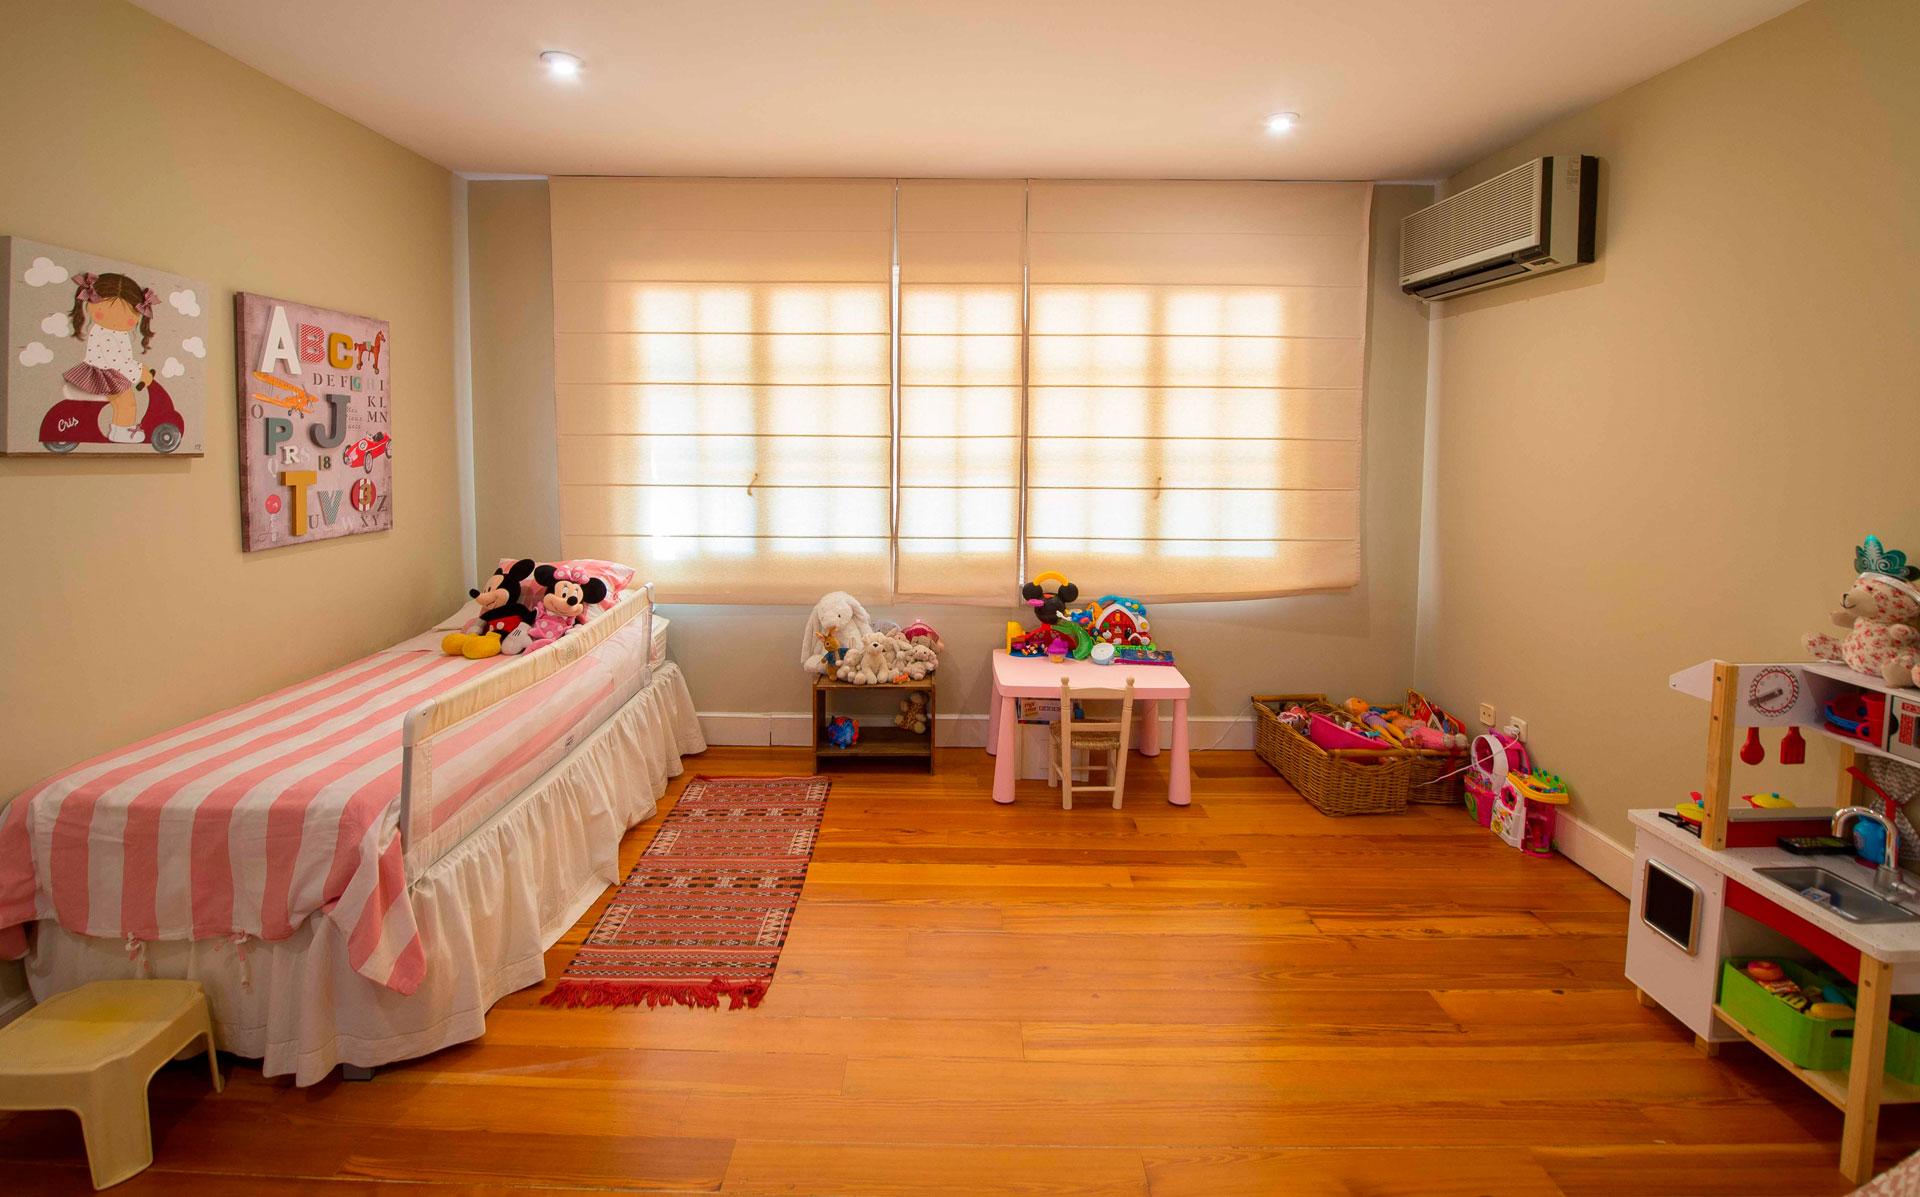 habitación infantil en chalet de la urbanización La Florida, Aravaca Madrid